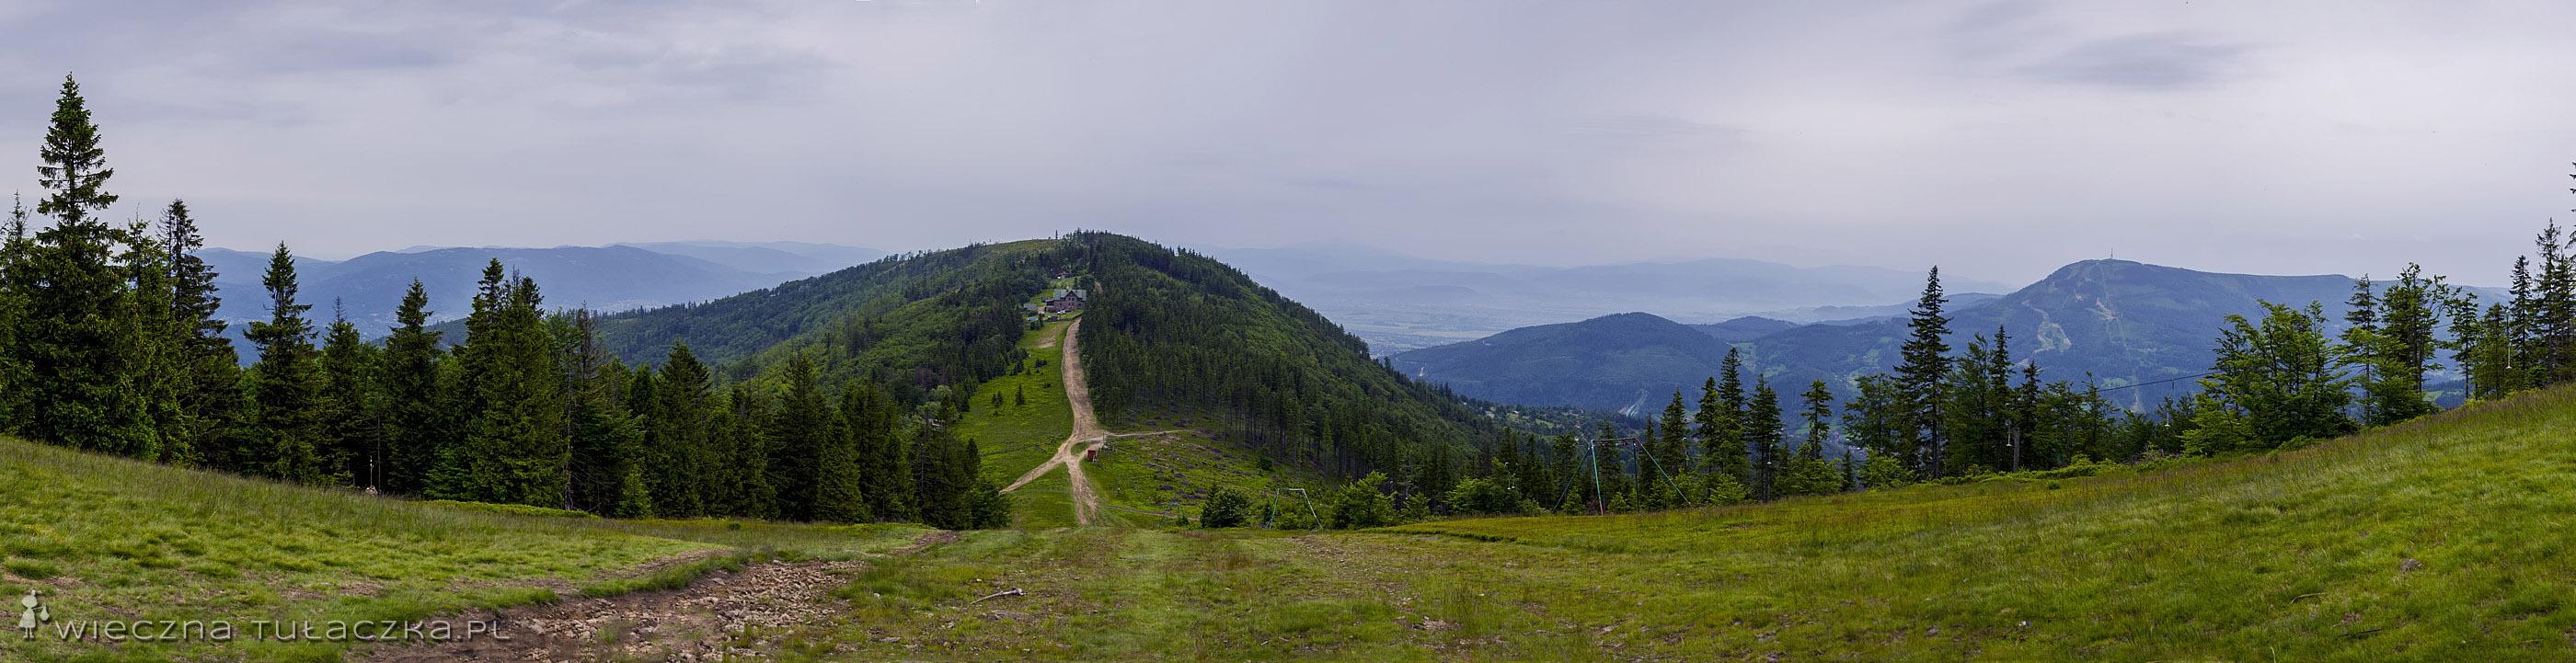 Klimczok, panorama